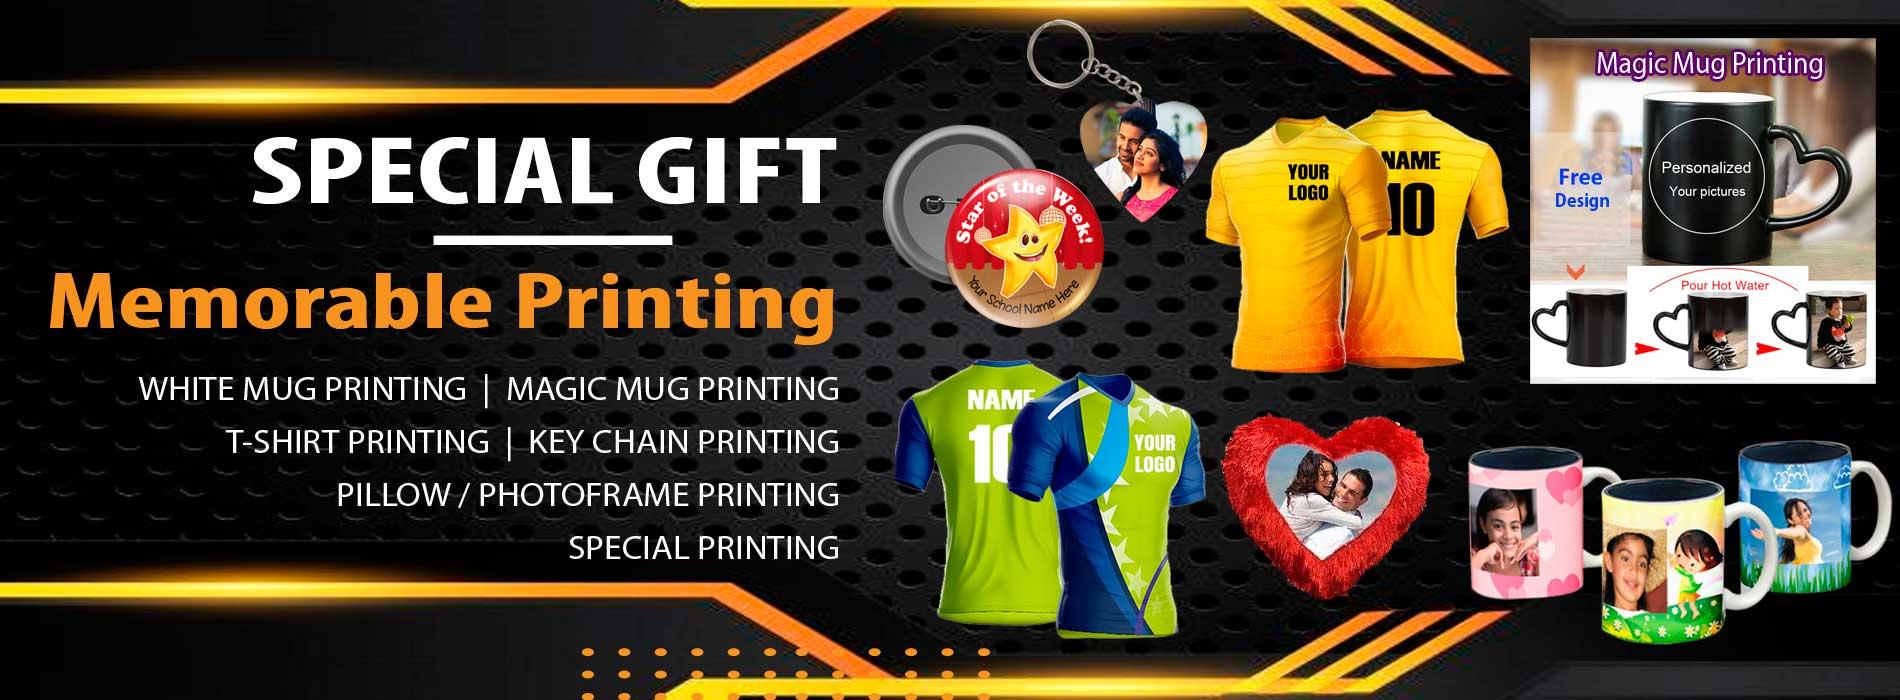 6 Mug Printing